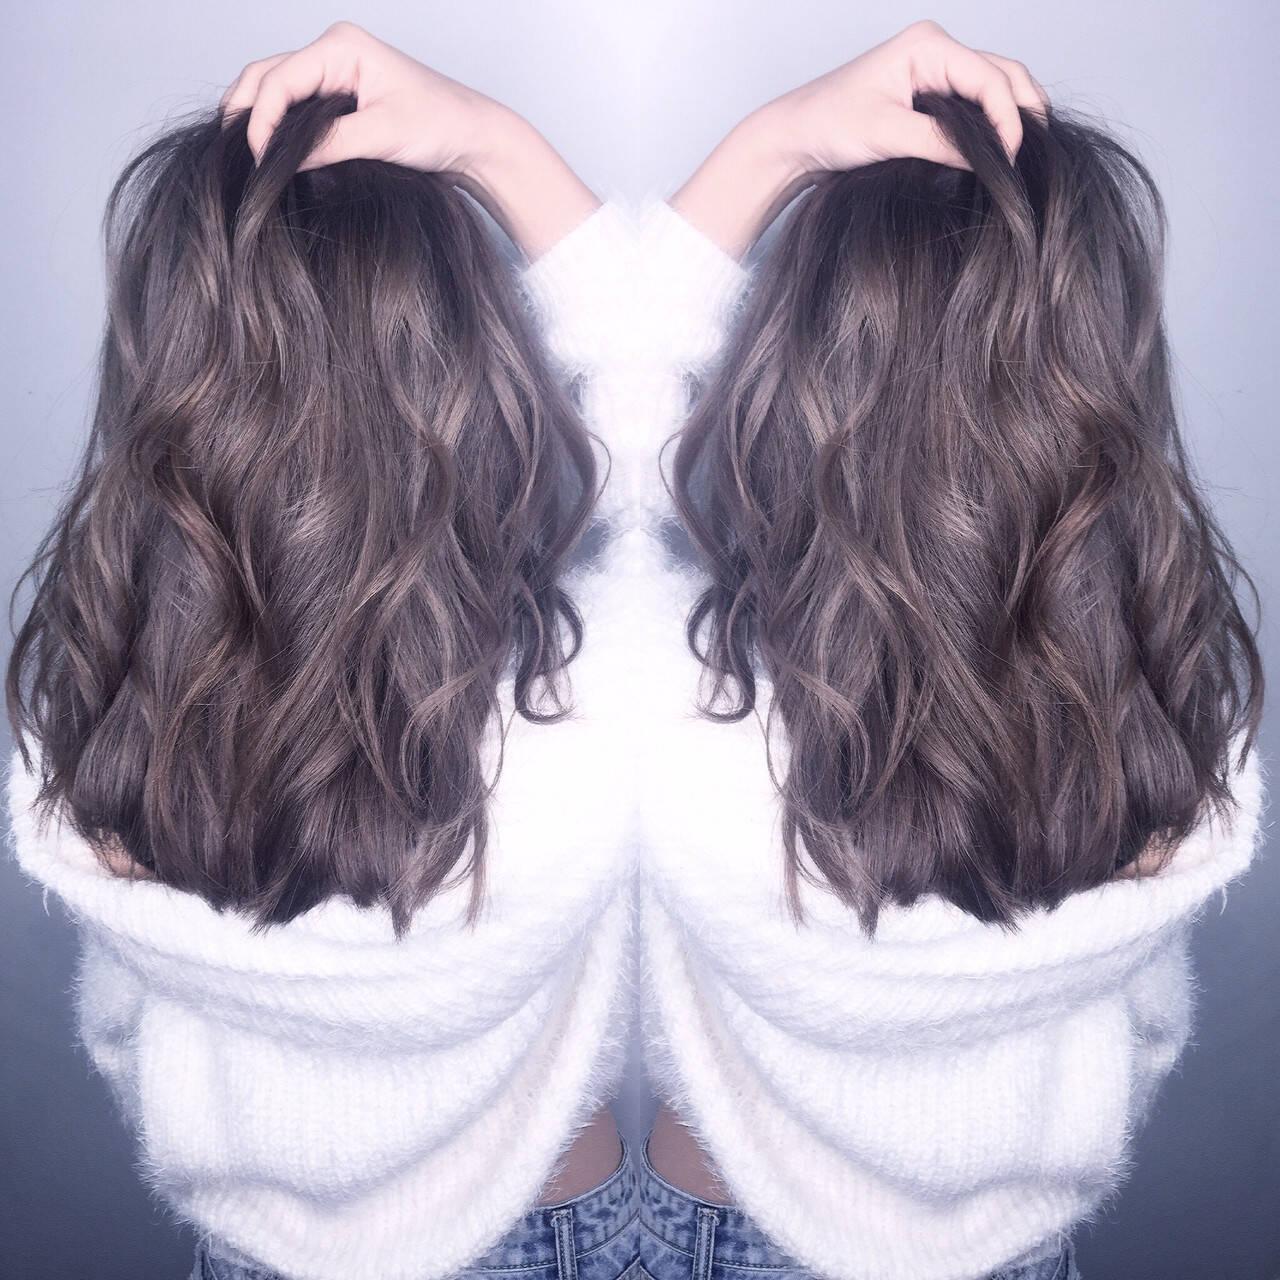 ナチュラル アッシュグレー アッシュグレージュ ミルクティーグレージュヘアスタイルや髪型の写真・画像